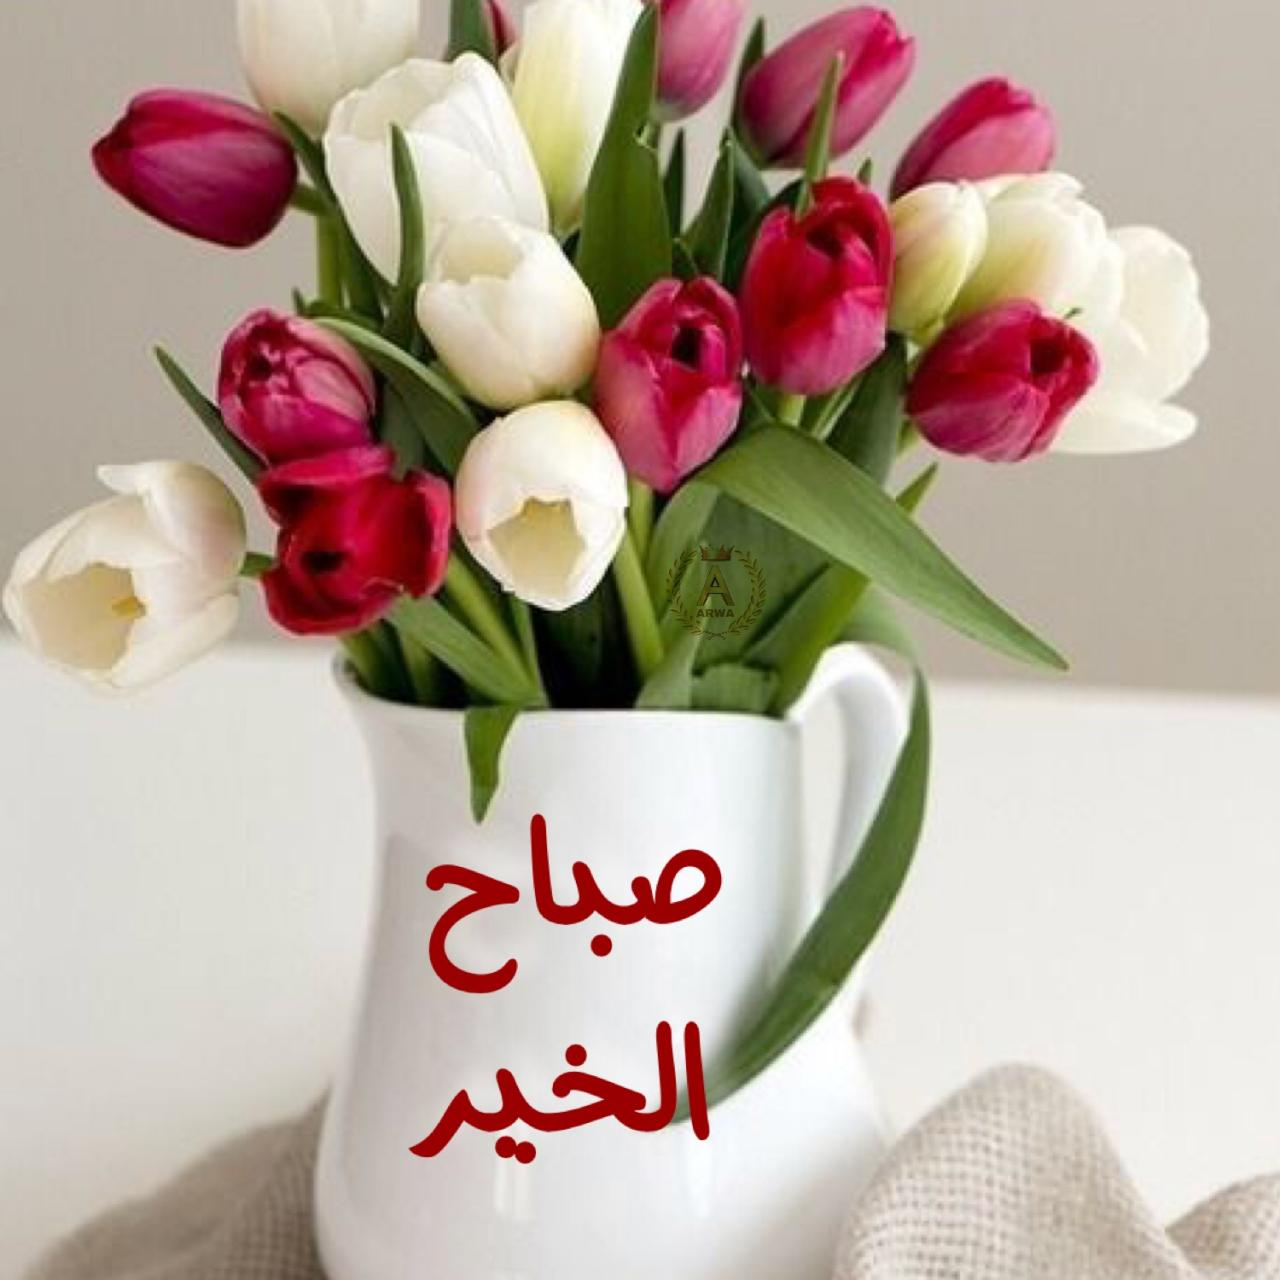 صورة مسجات صباح الخير حبيبي, عبارات صباحية رومنسيه 4306 5